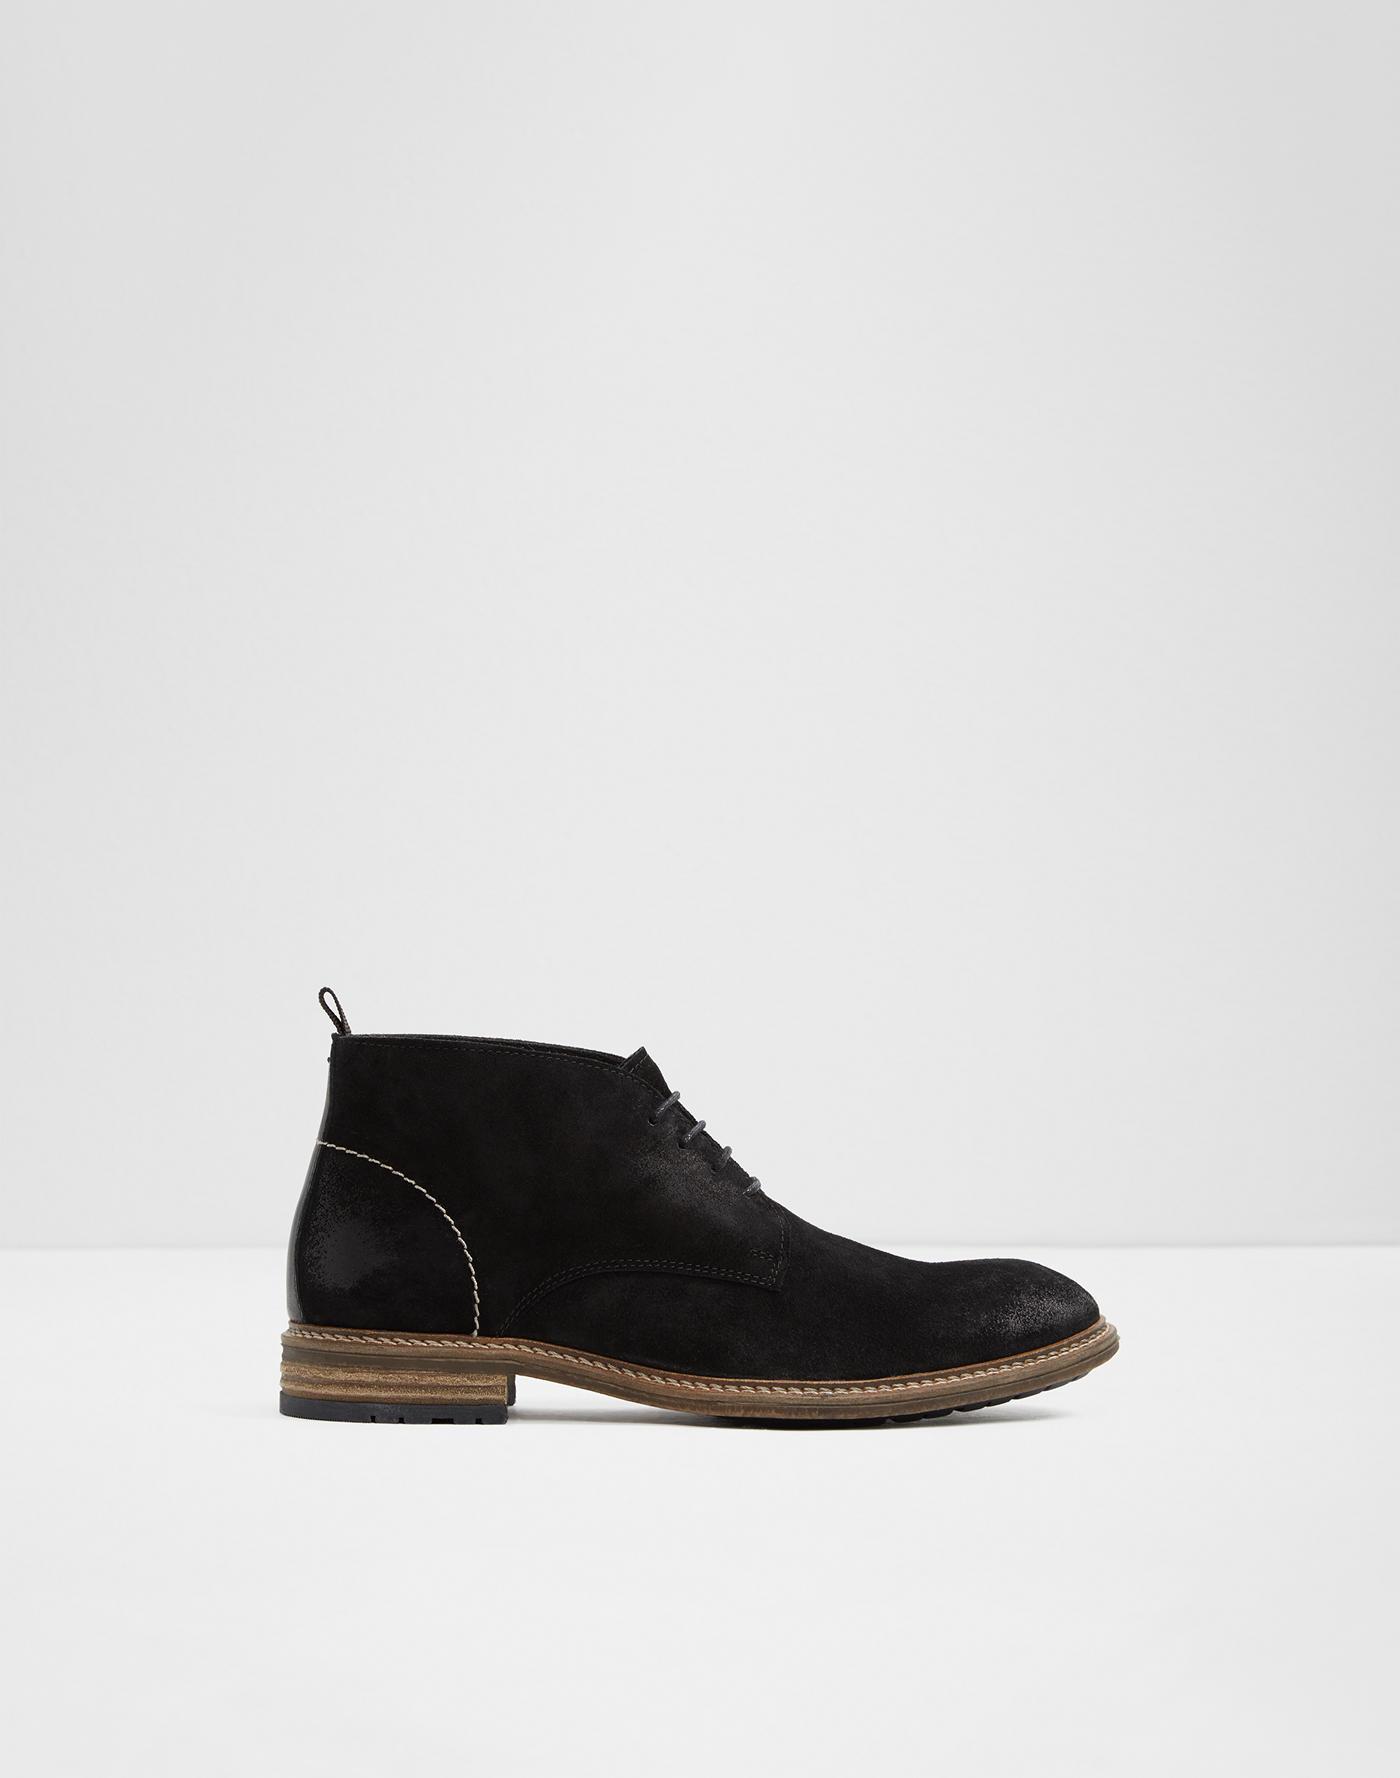 1e60f5de Clearance Men's Shoes & Bags | ALDO US | Aldoshoes.com US